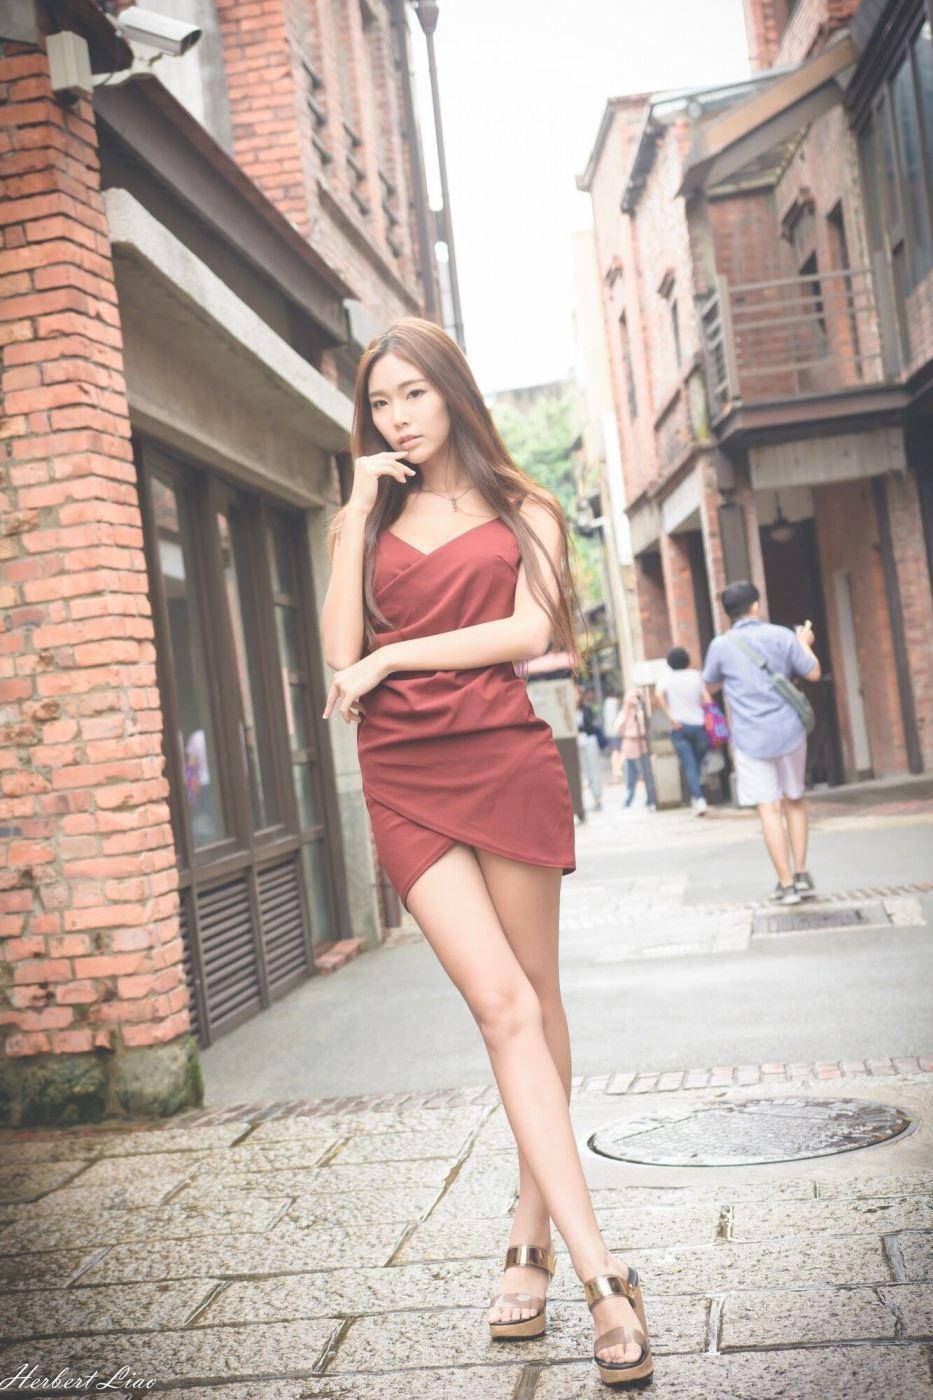 台湾女神时尚性感美女黄上晏修长美腿街拍摄影写真